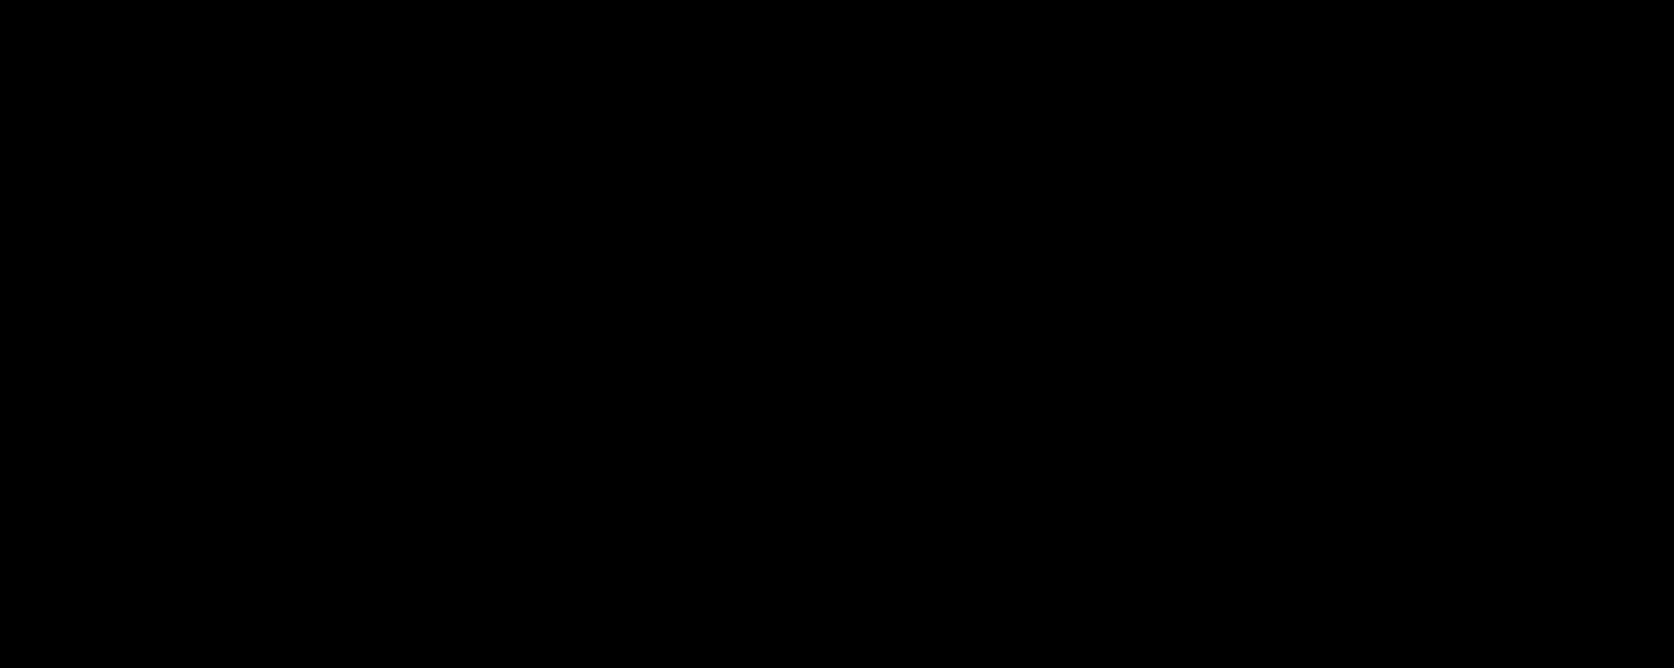 N-Benzyl Metaxalone-d<sub>5</sub>